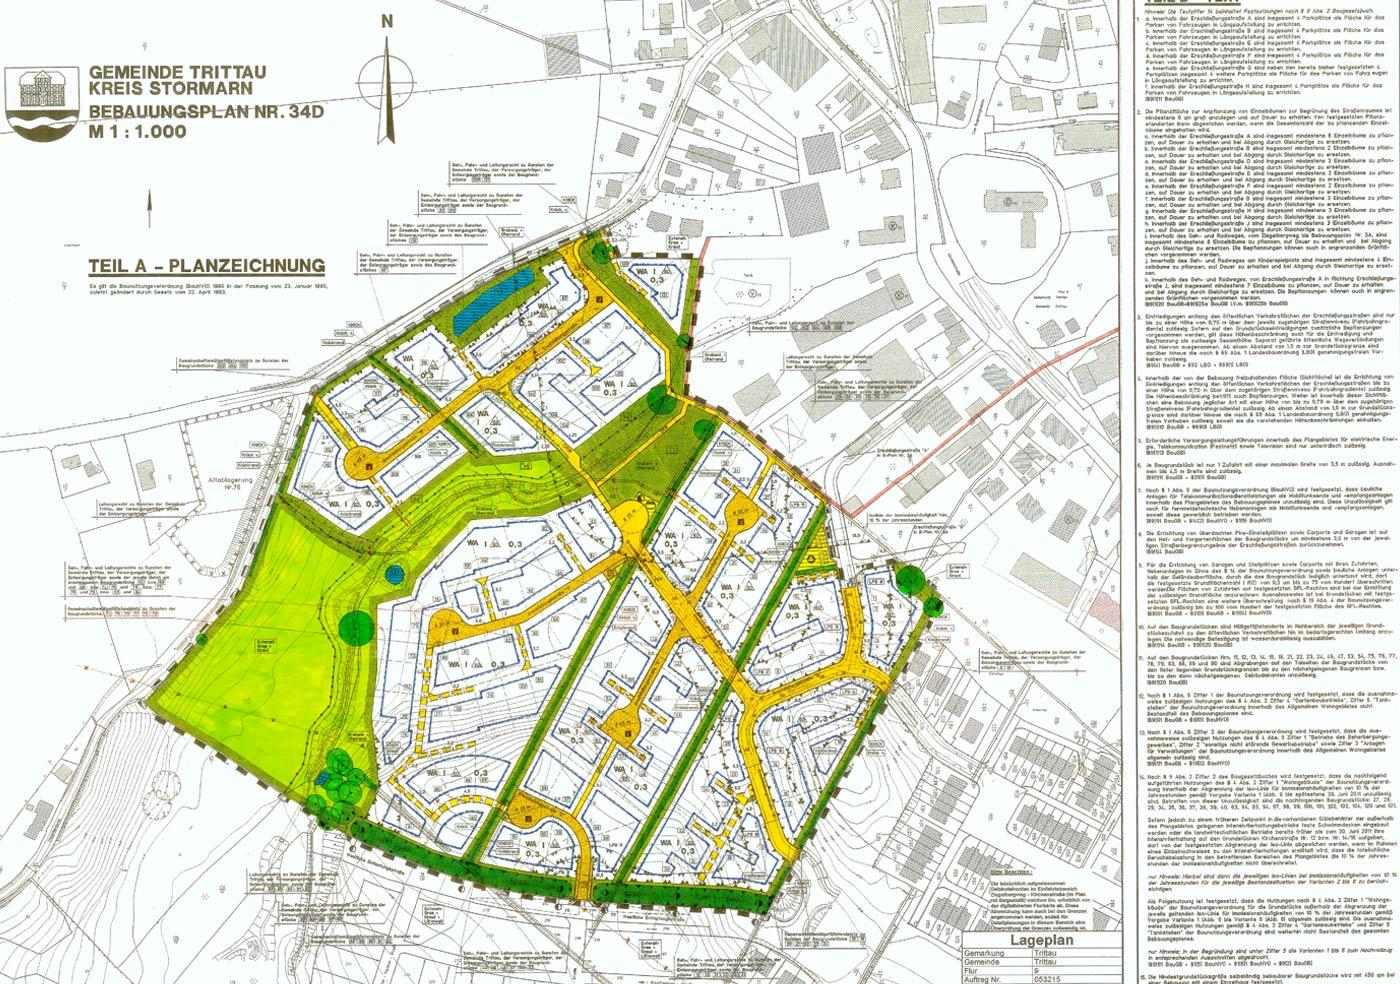 Planzeichnung Gemeinde Trittau - Bauland 24